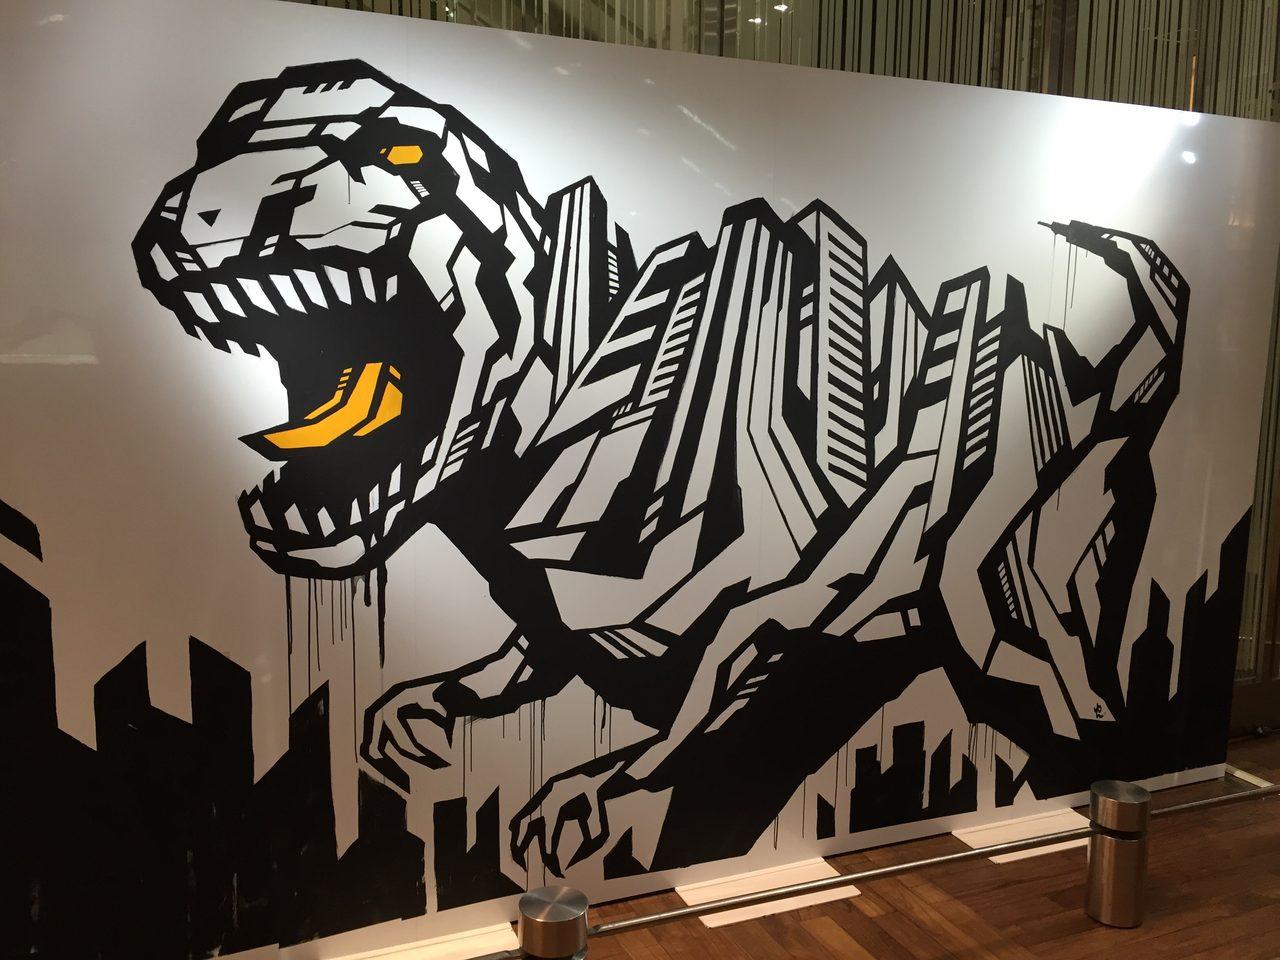 画像1: タカシマヤ タイムズスクエアに福井から恐竜たち がやってきた !